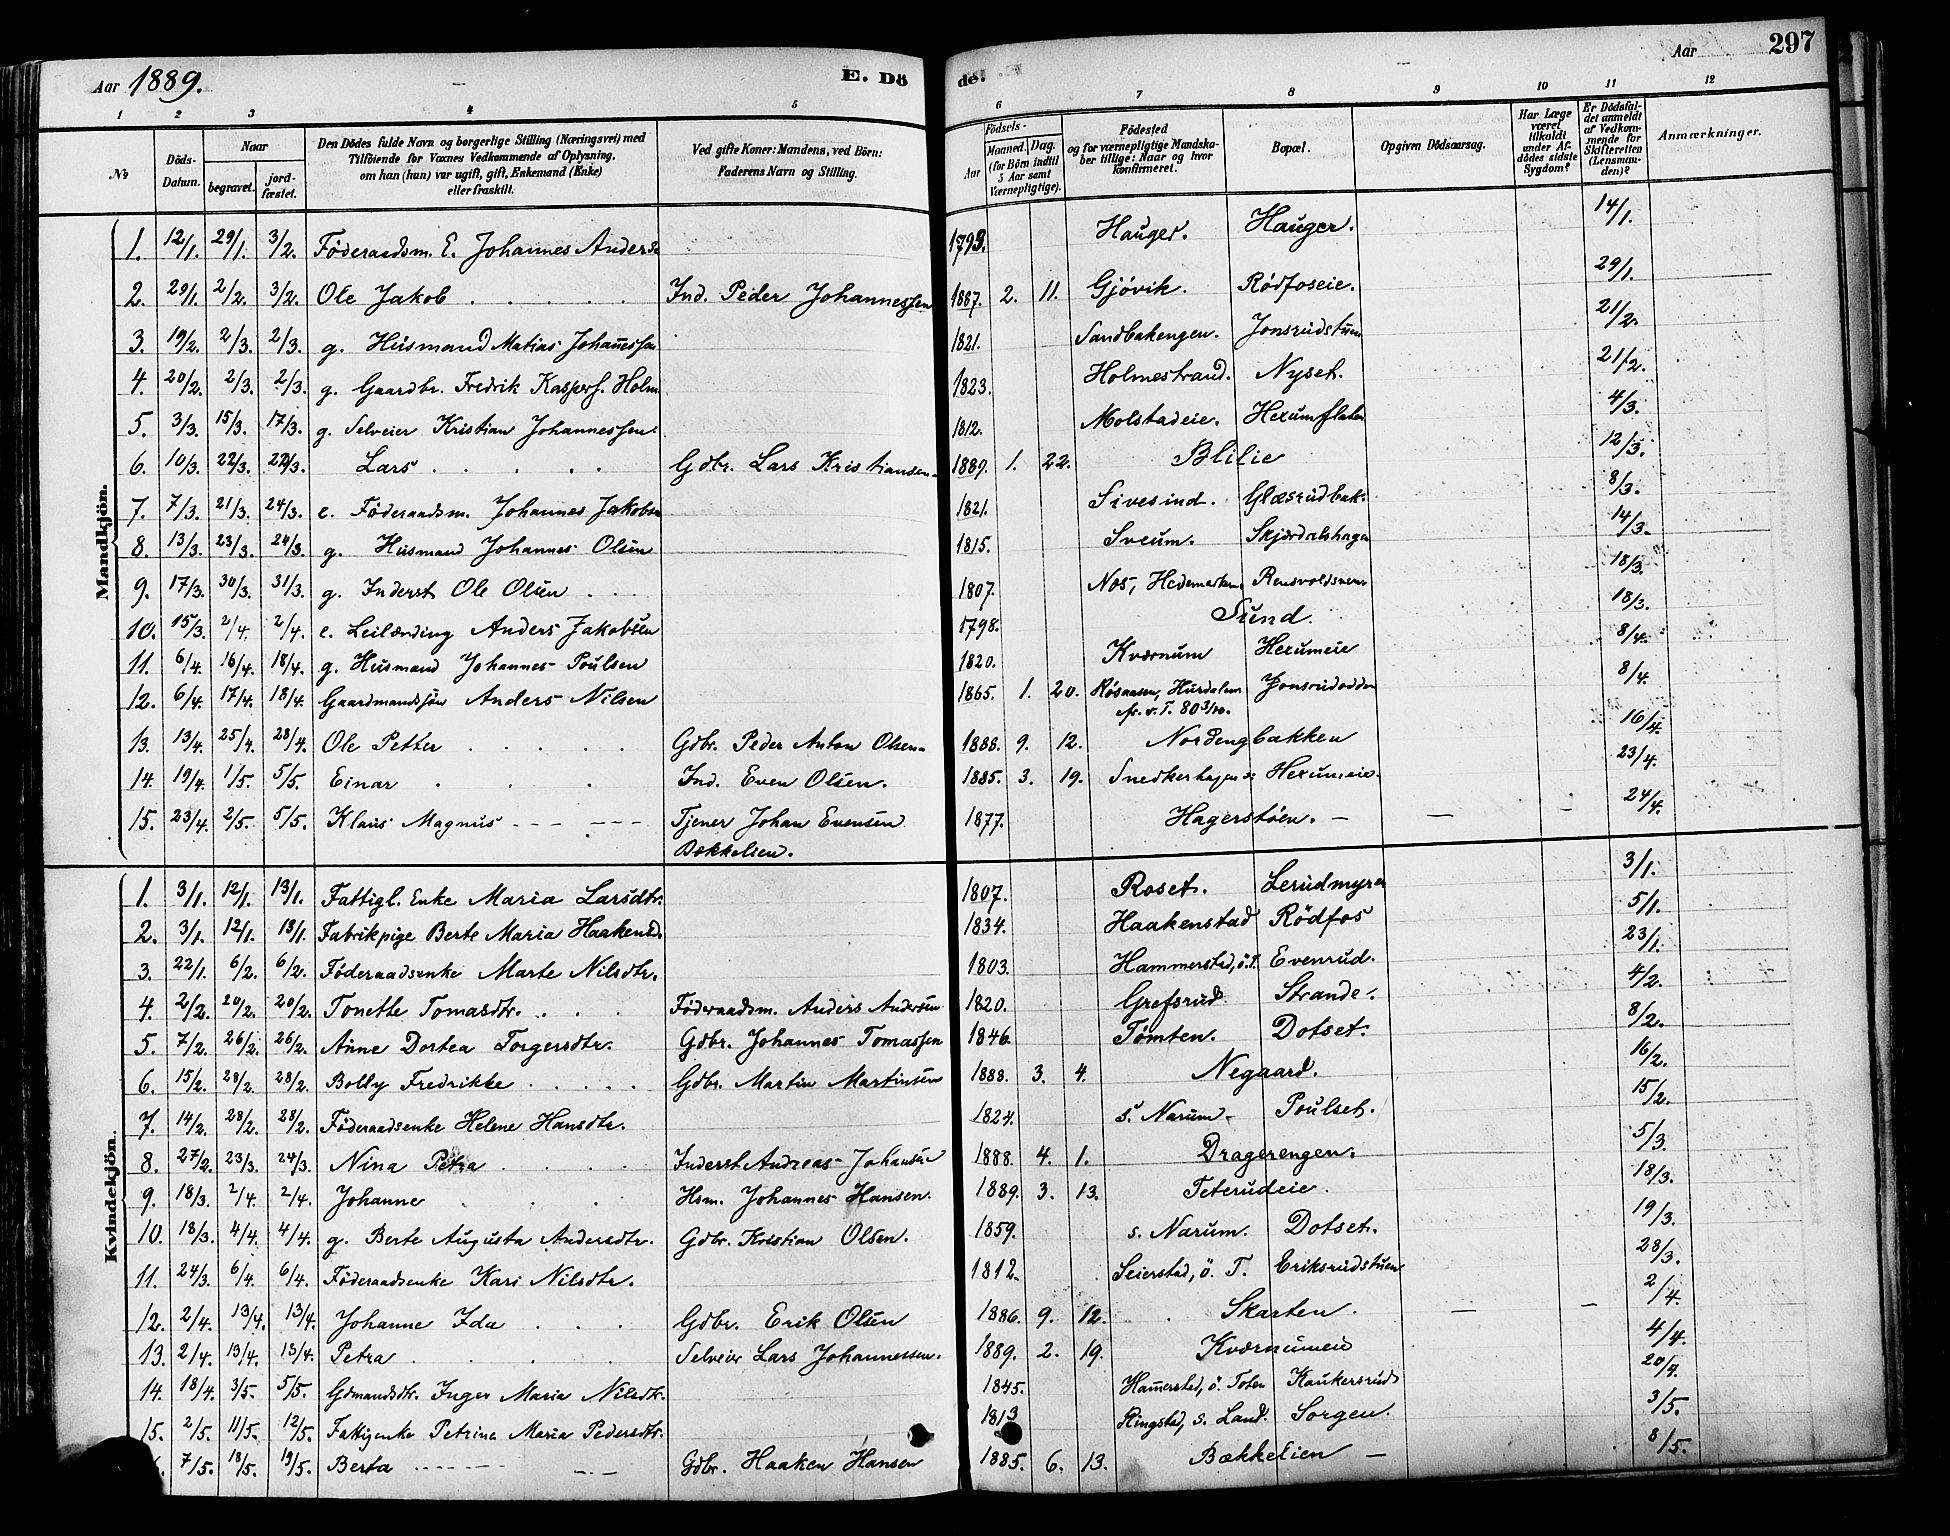 SAH, Vestre Toten prestekontor, Ministerialbok nr. 9, 1878-1894, s. 297